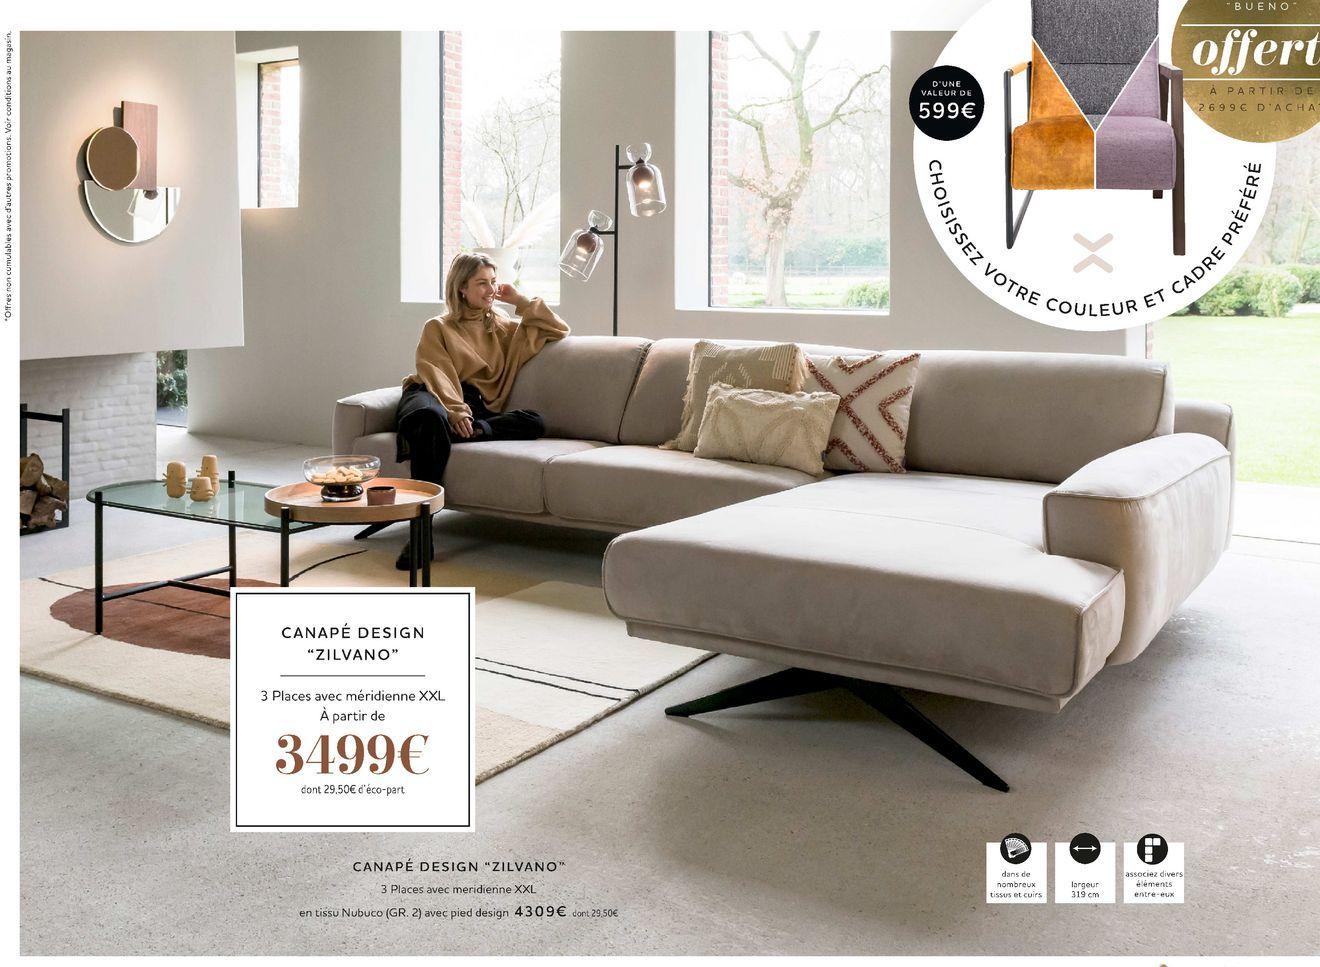 """Canapé design """"Zilvano"""" offre à 3499€"""